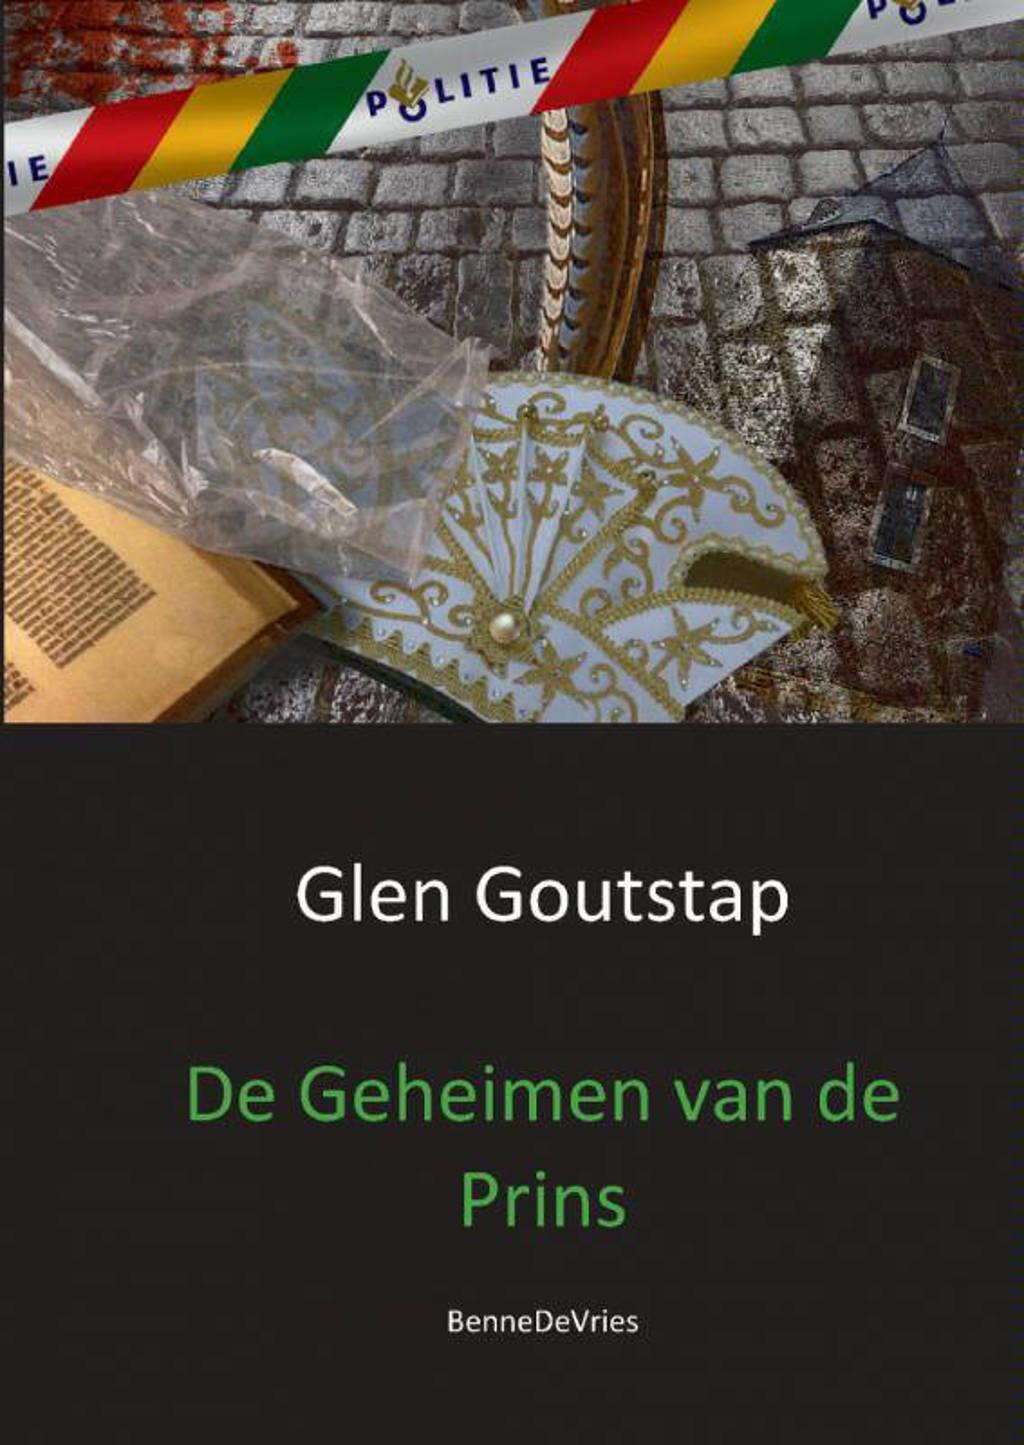 De geheimen van de Prins - Glen Goutstap